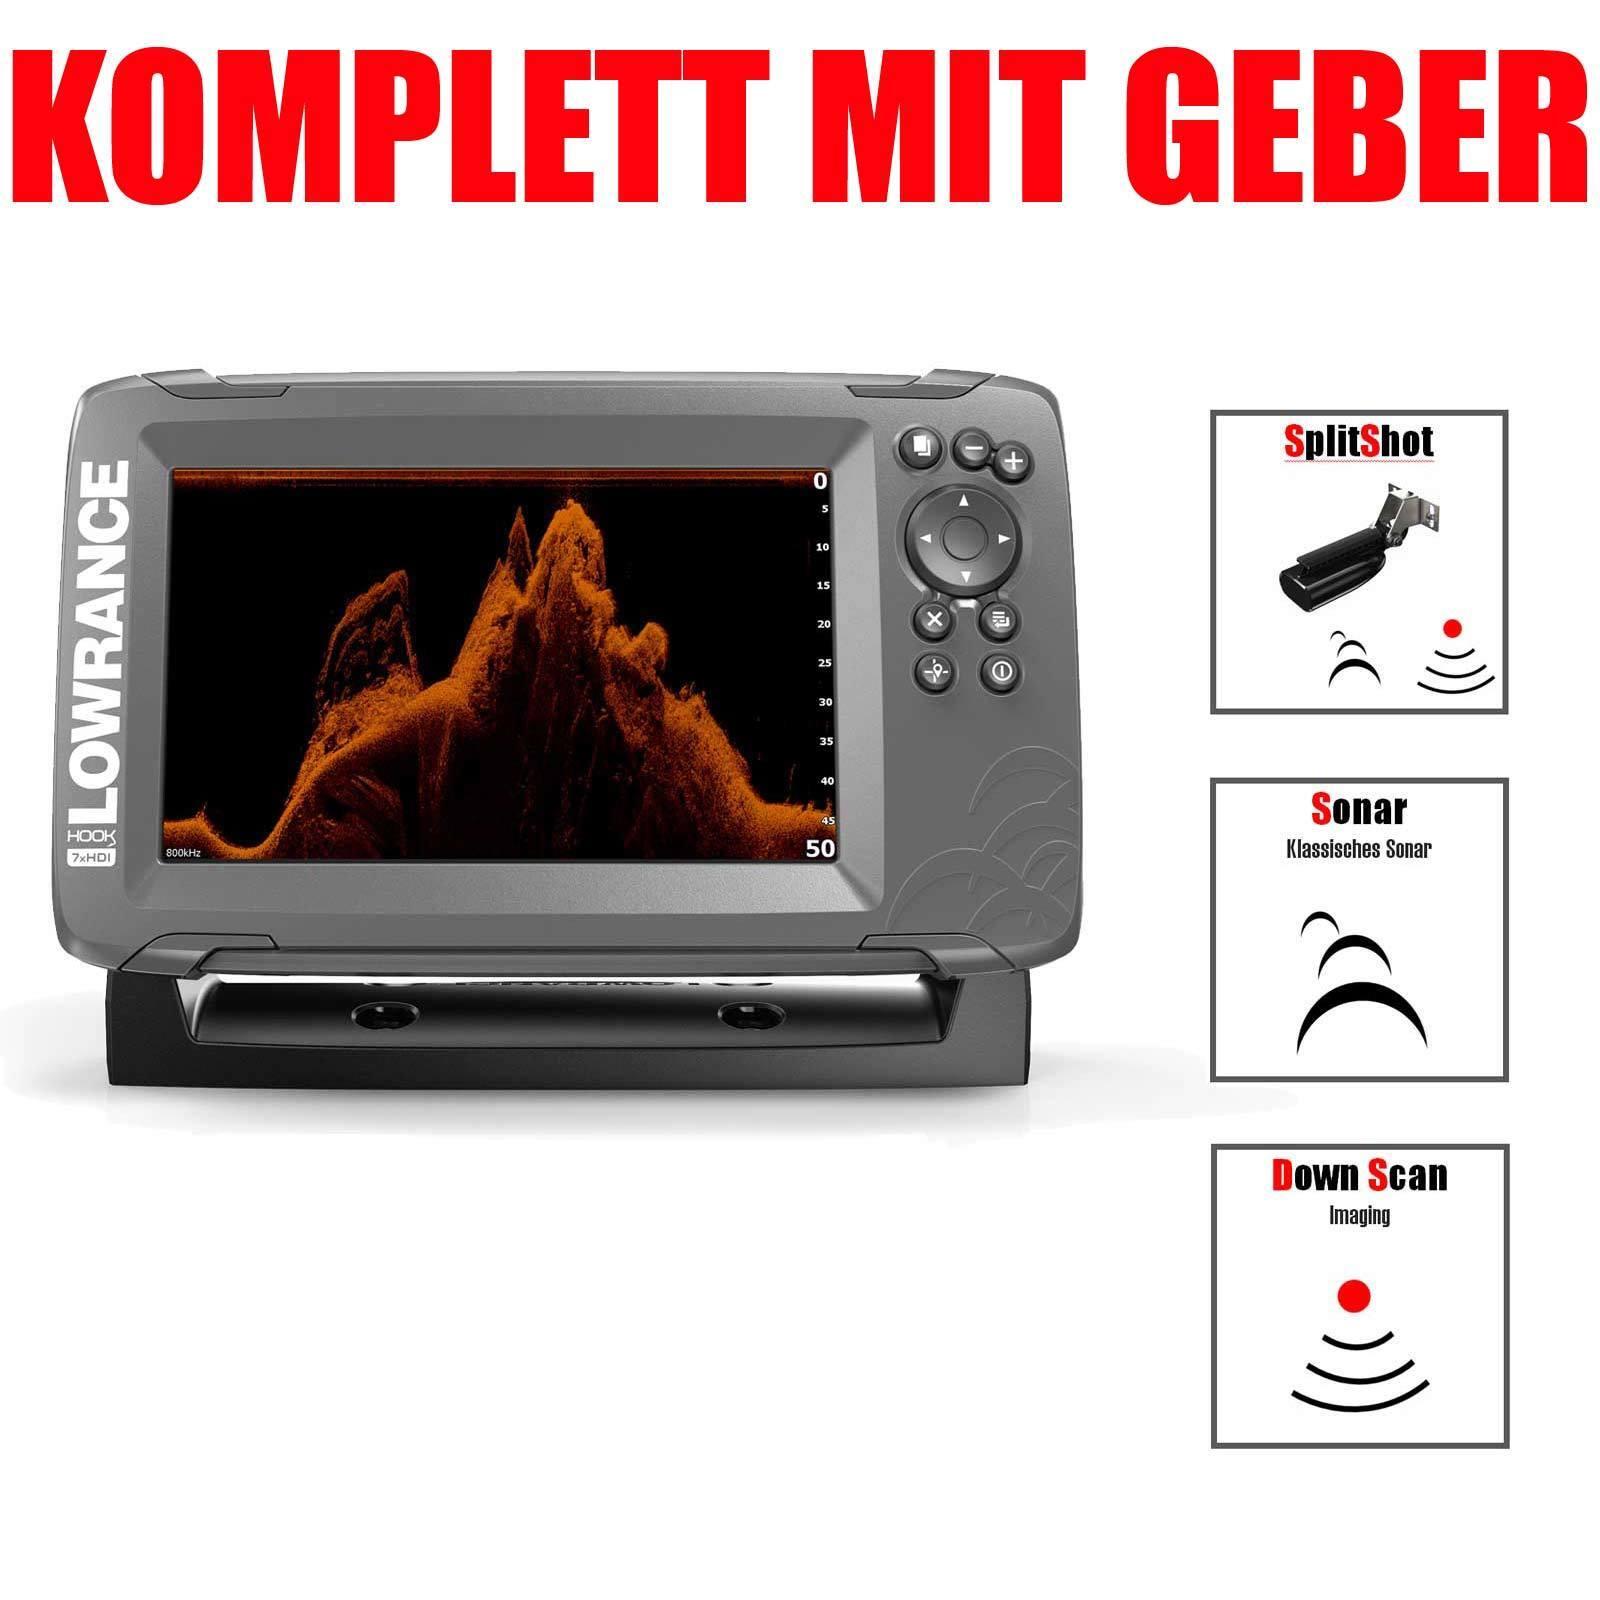 Lowrance GPS Echolot mit Geber Fischfinder - Hook2 - 7x SplitShot HDI CHIRP GPS